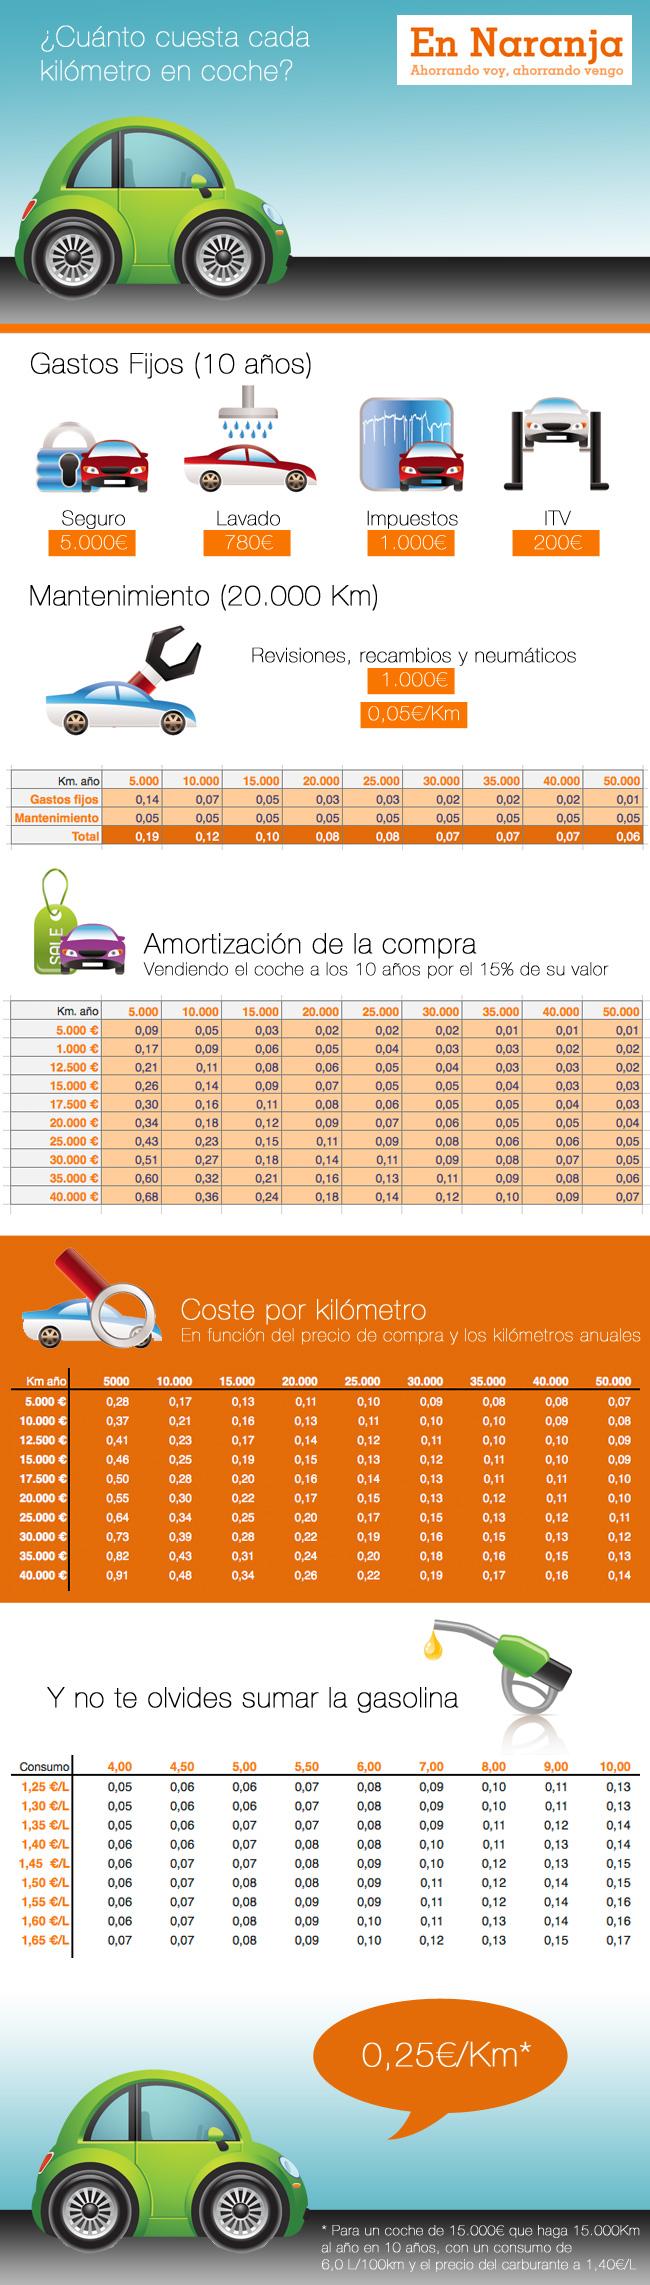 infografía de autos